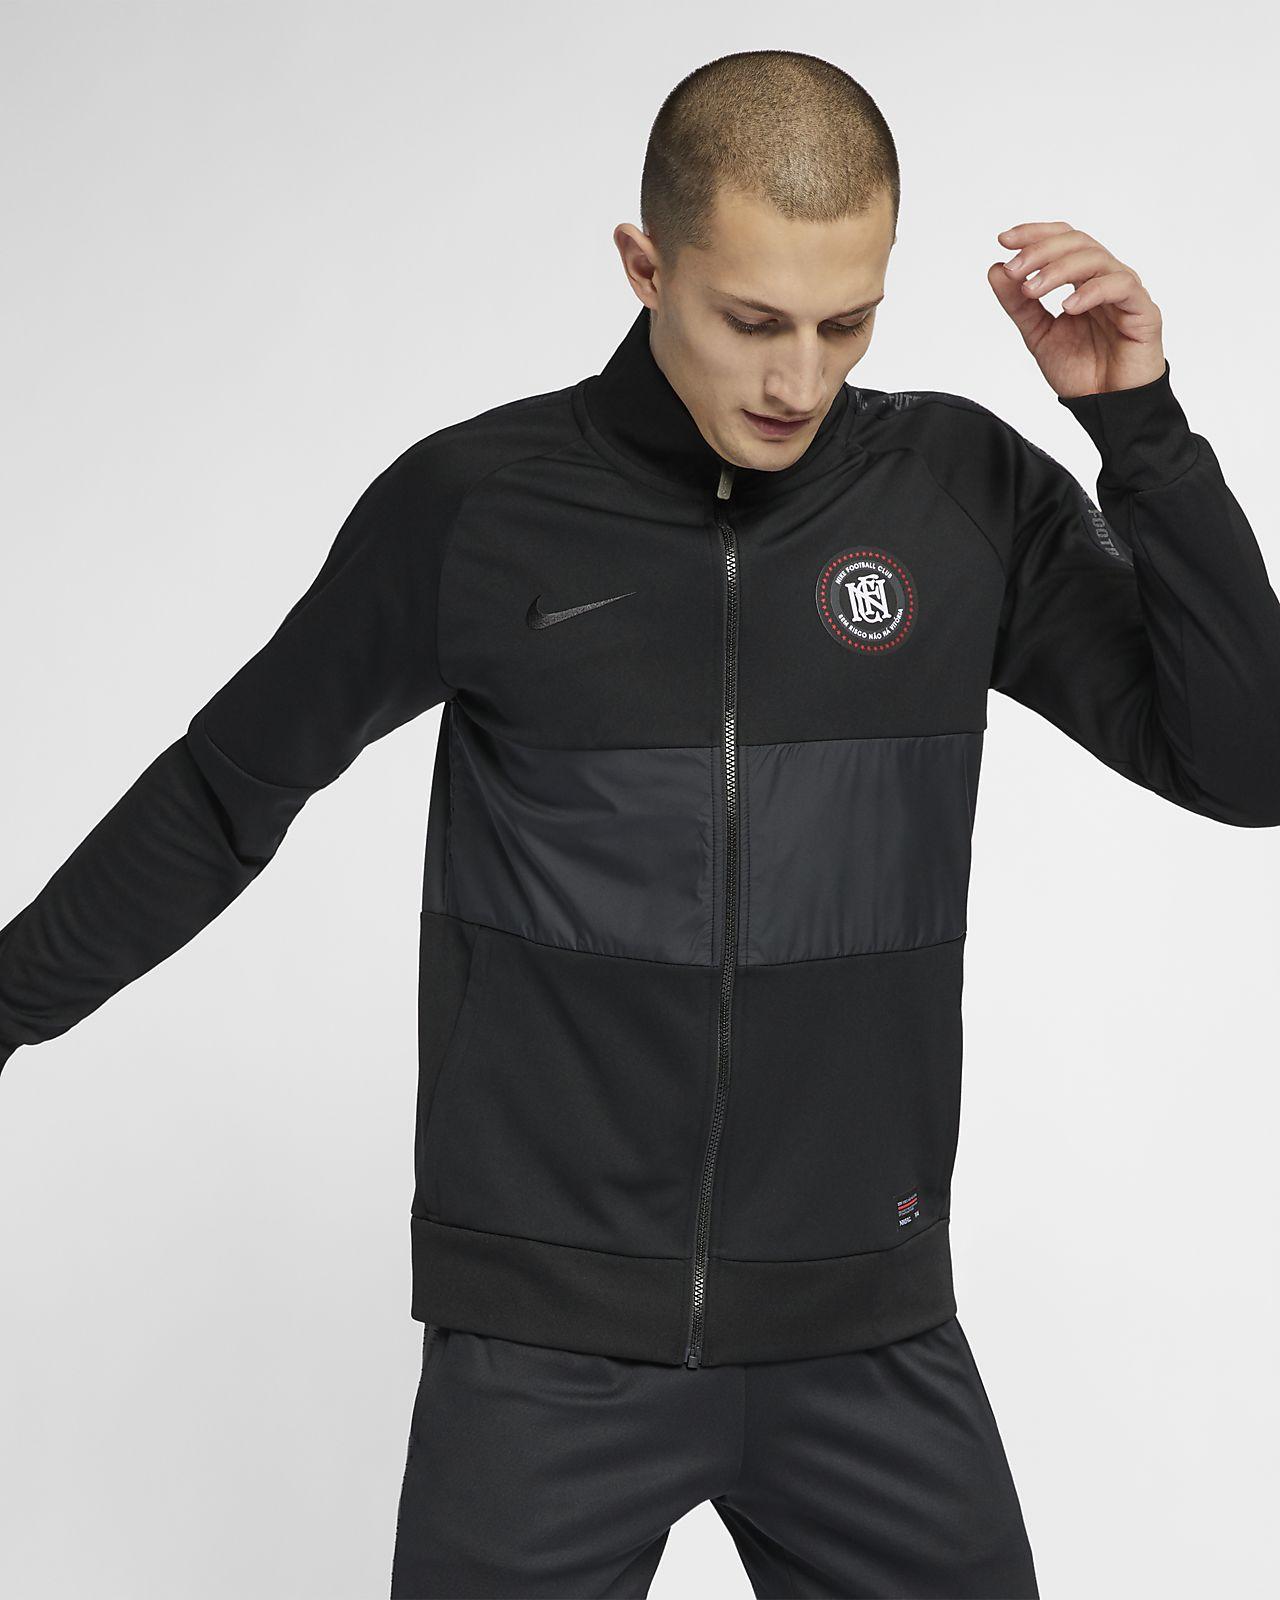 Details zu Nike F.C. Fußball Track Jacket Herren AH9519 010 Trikot Schwarz Jacke Neu Gr.M